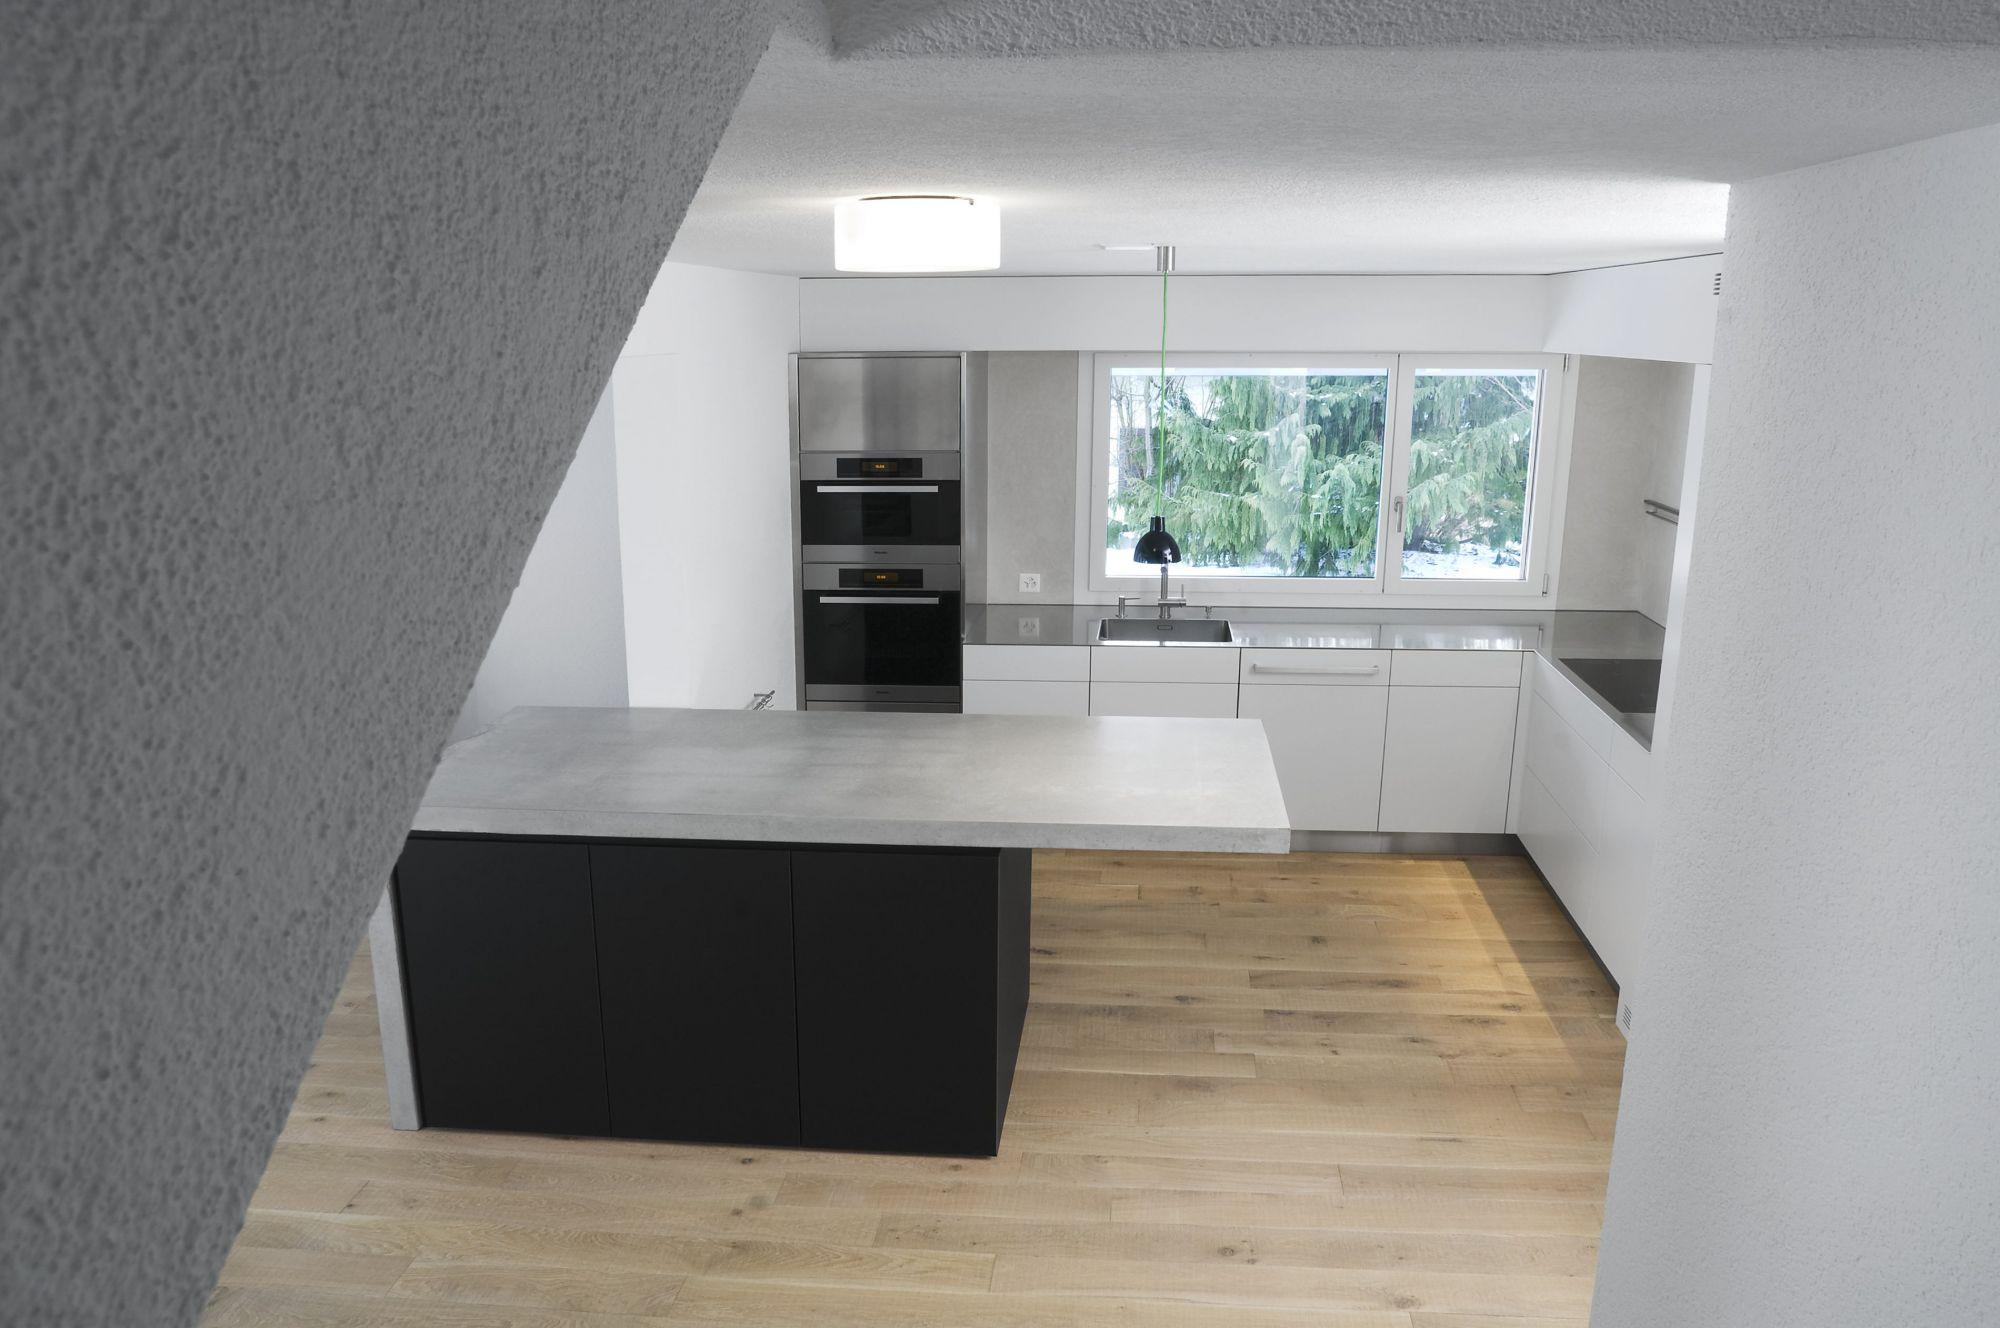 Ungewöhnlich Küche Umbau Kalkulator Fotos - Ideen Für Die Küche ...